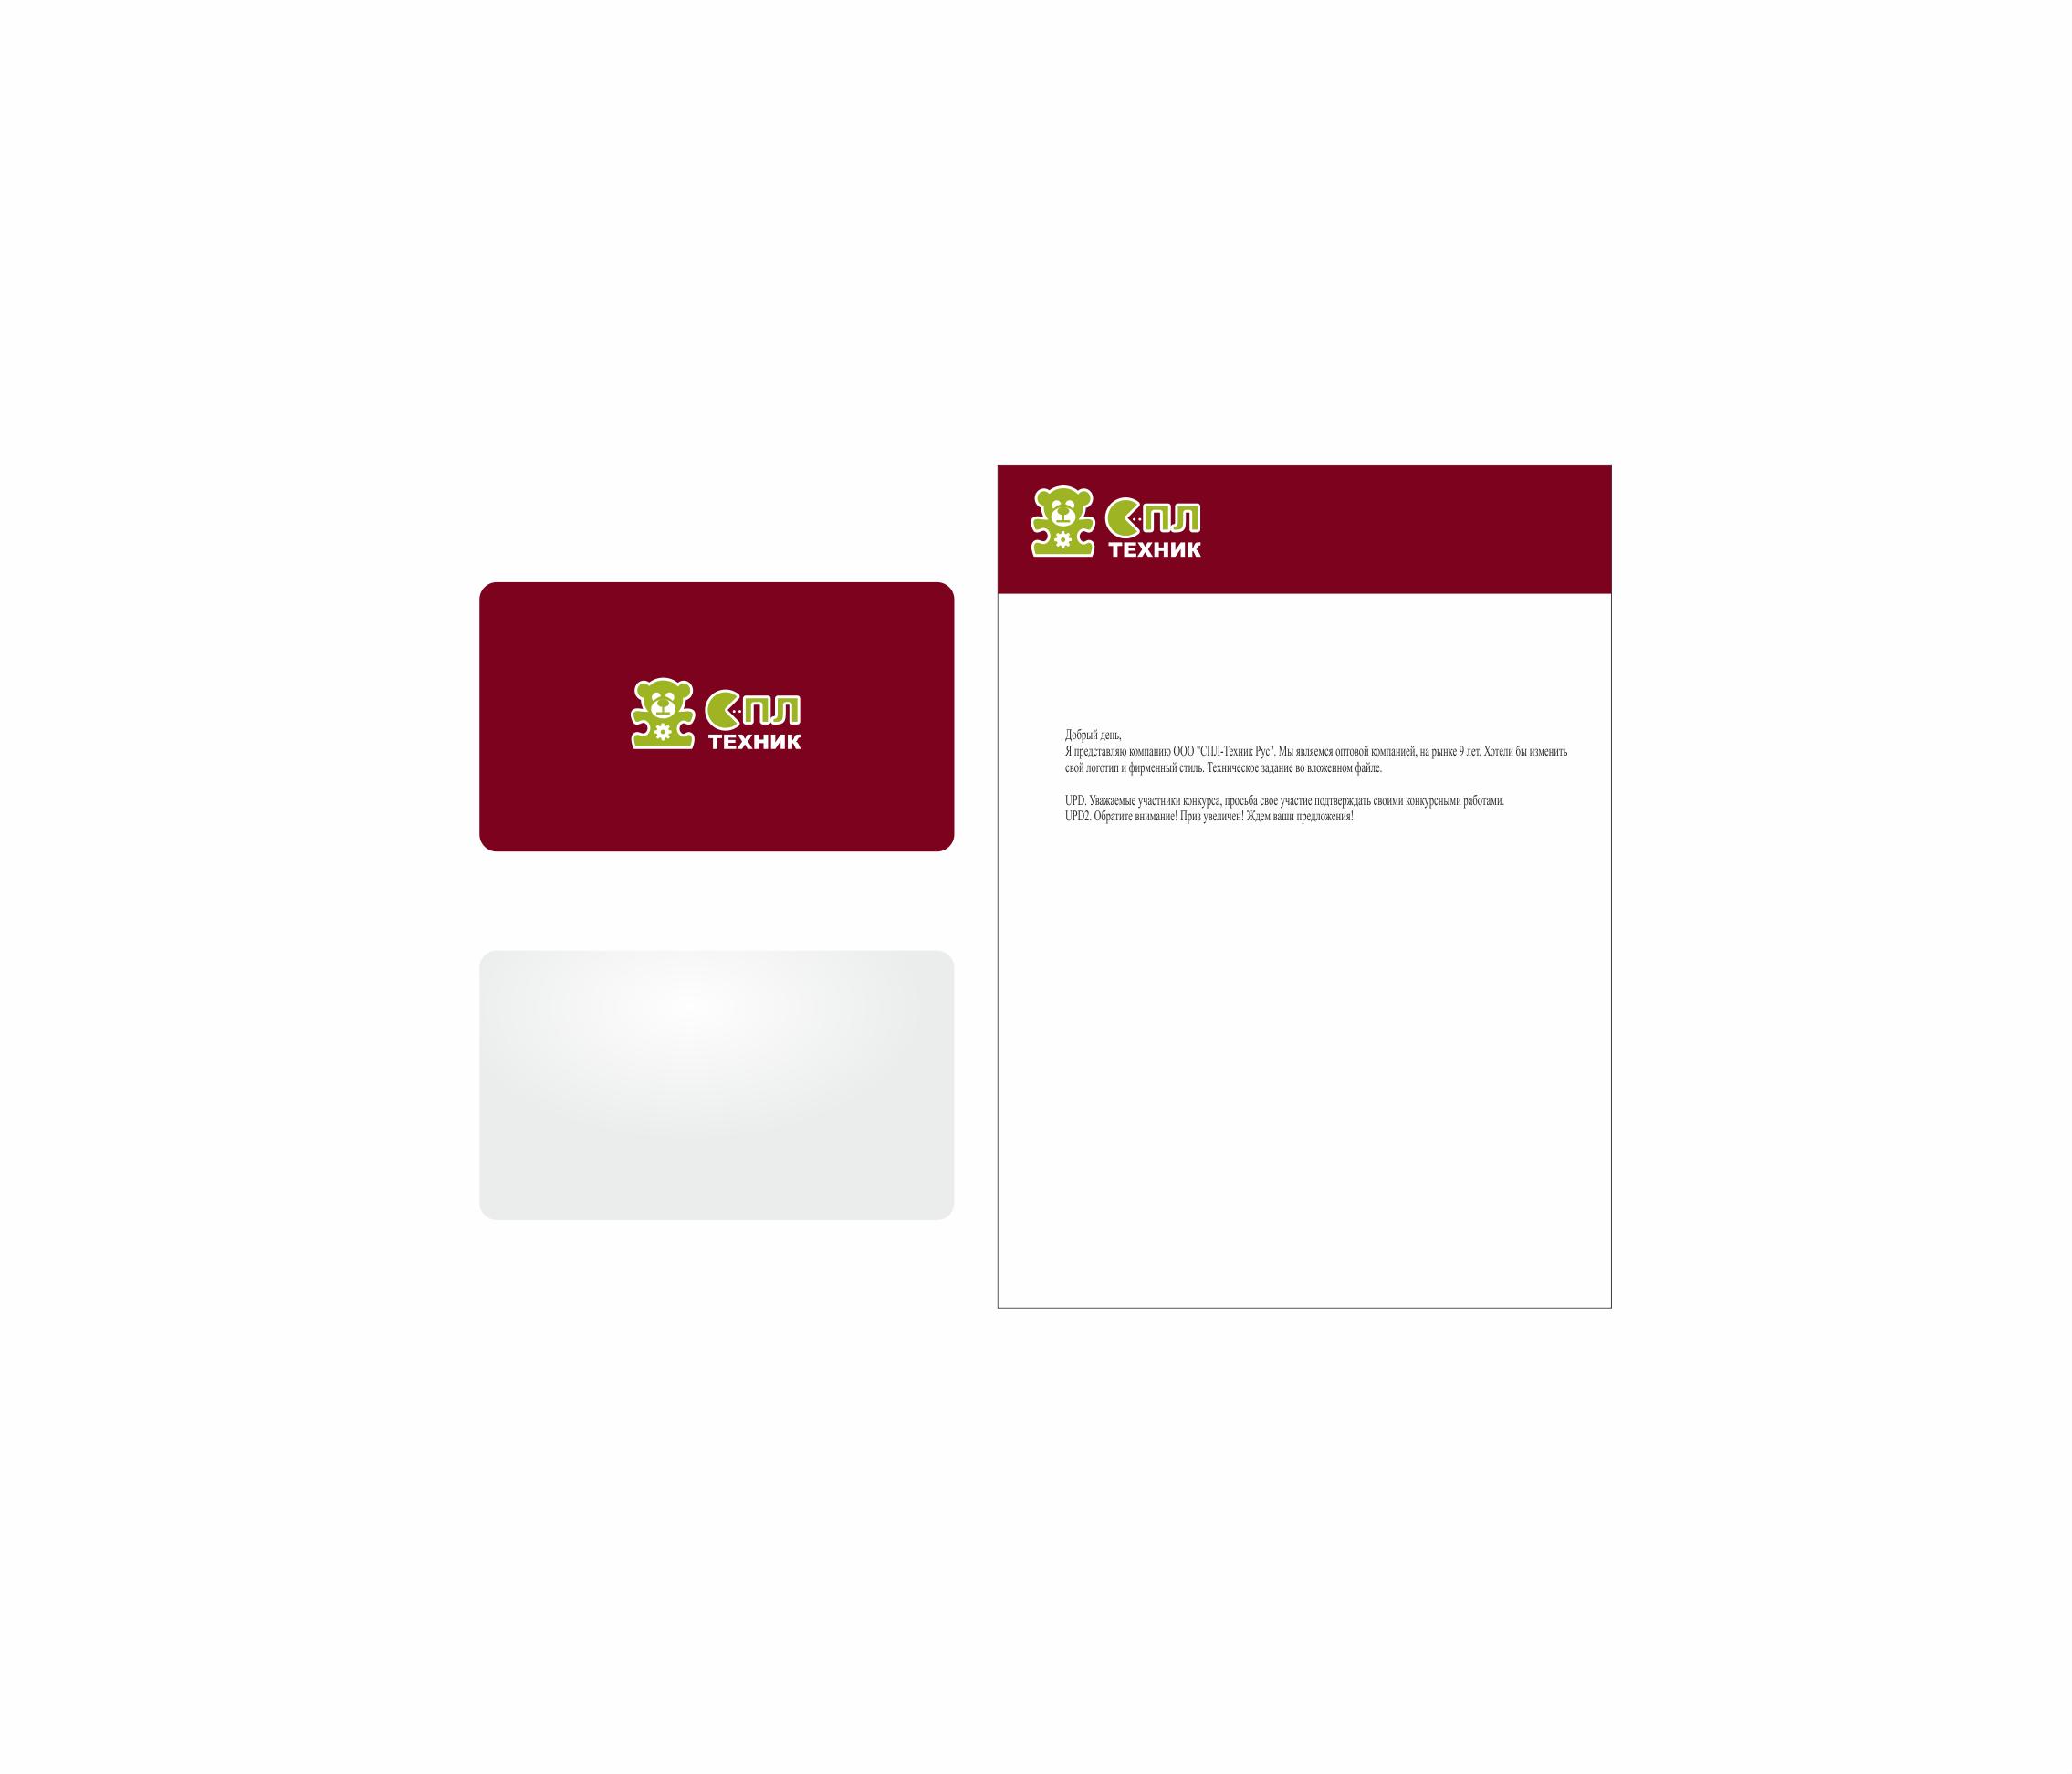 Разработка логотипа и фирменного стиля фото f_73159b6a30099efc.png